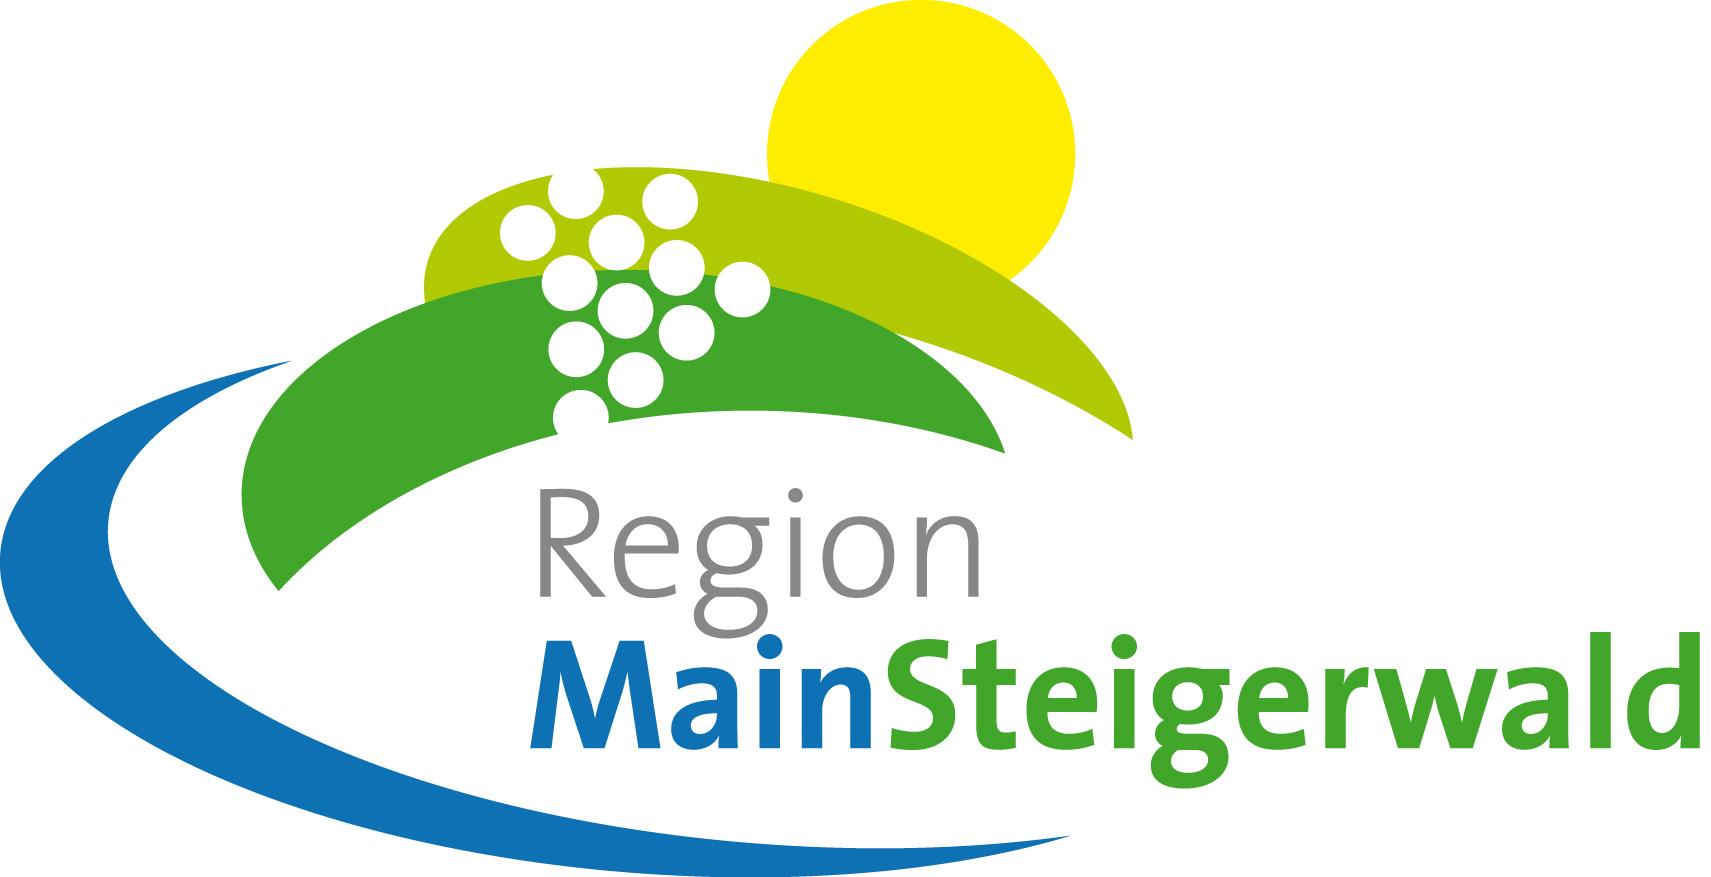 Region_MainSteigerwald.jpg